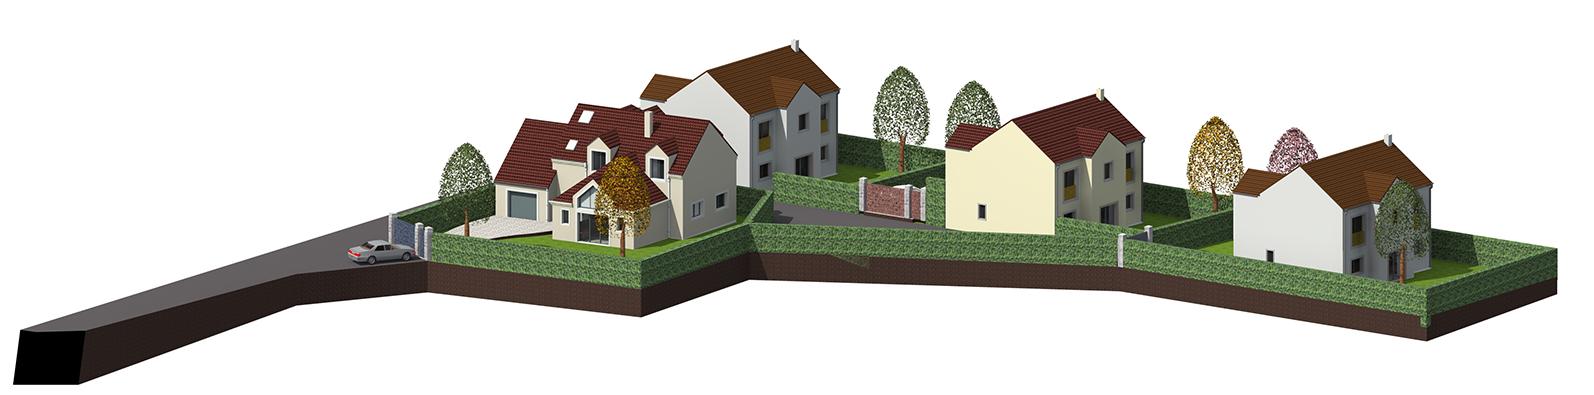 Image Principale - Projet de lotissement à Aubergenville